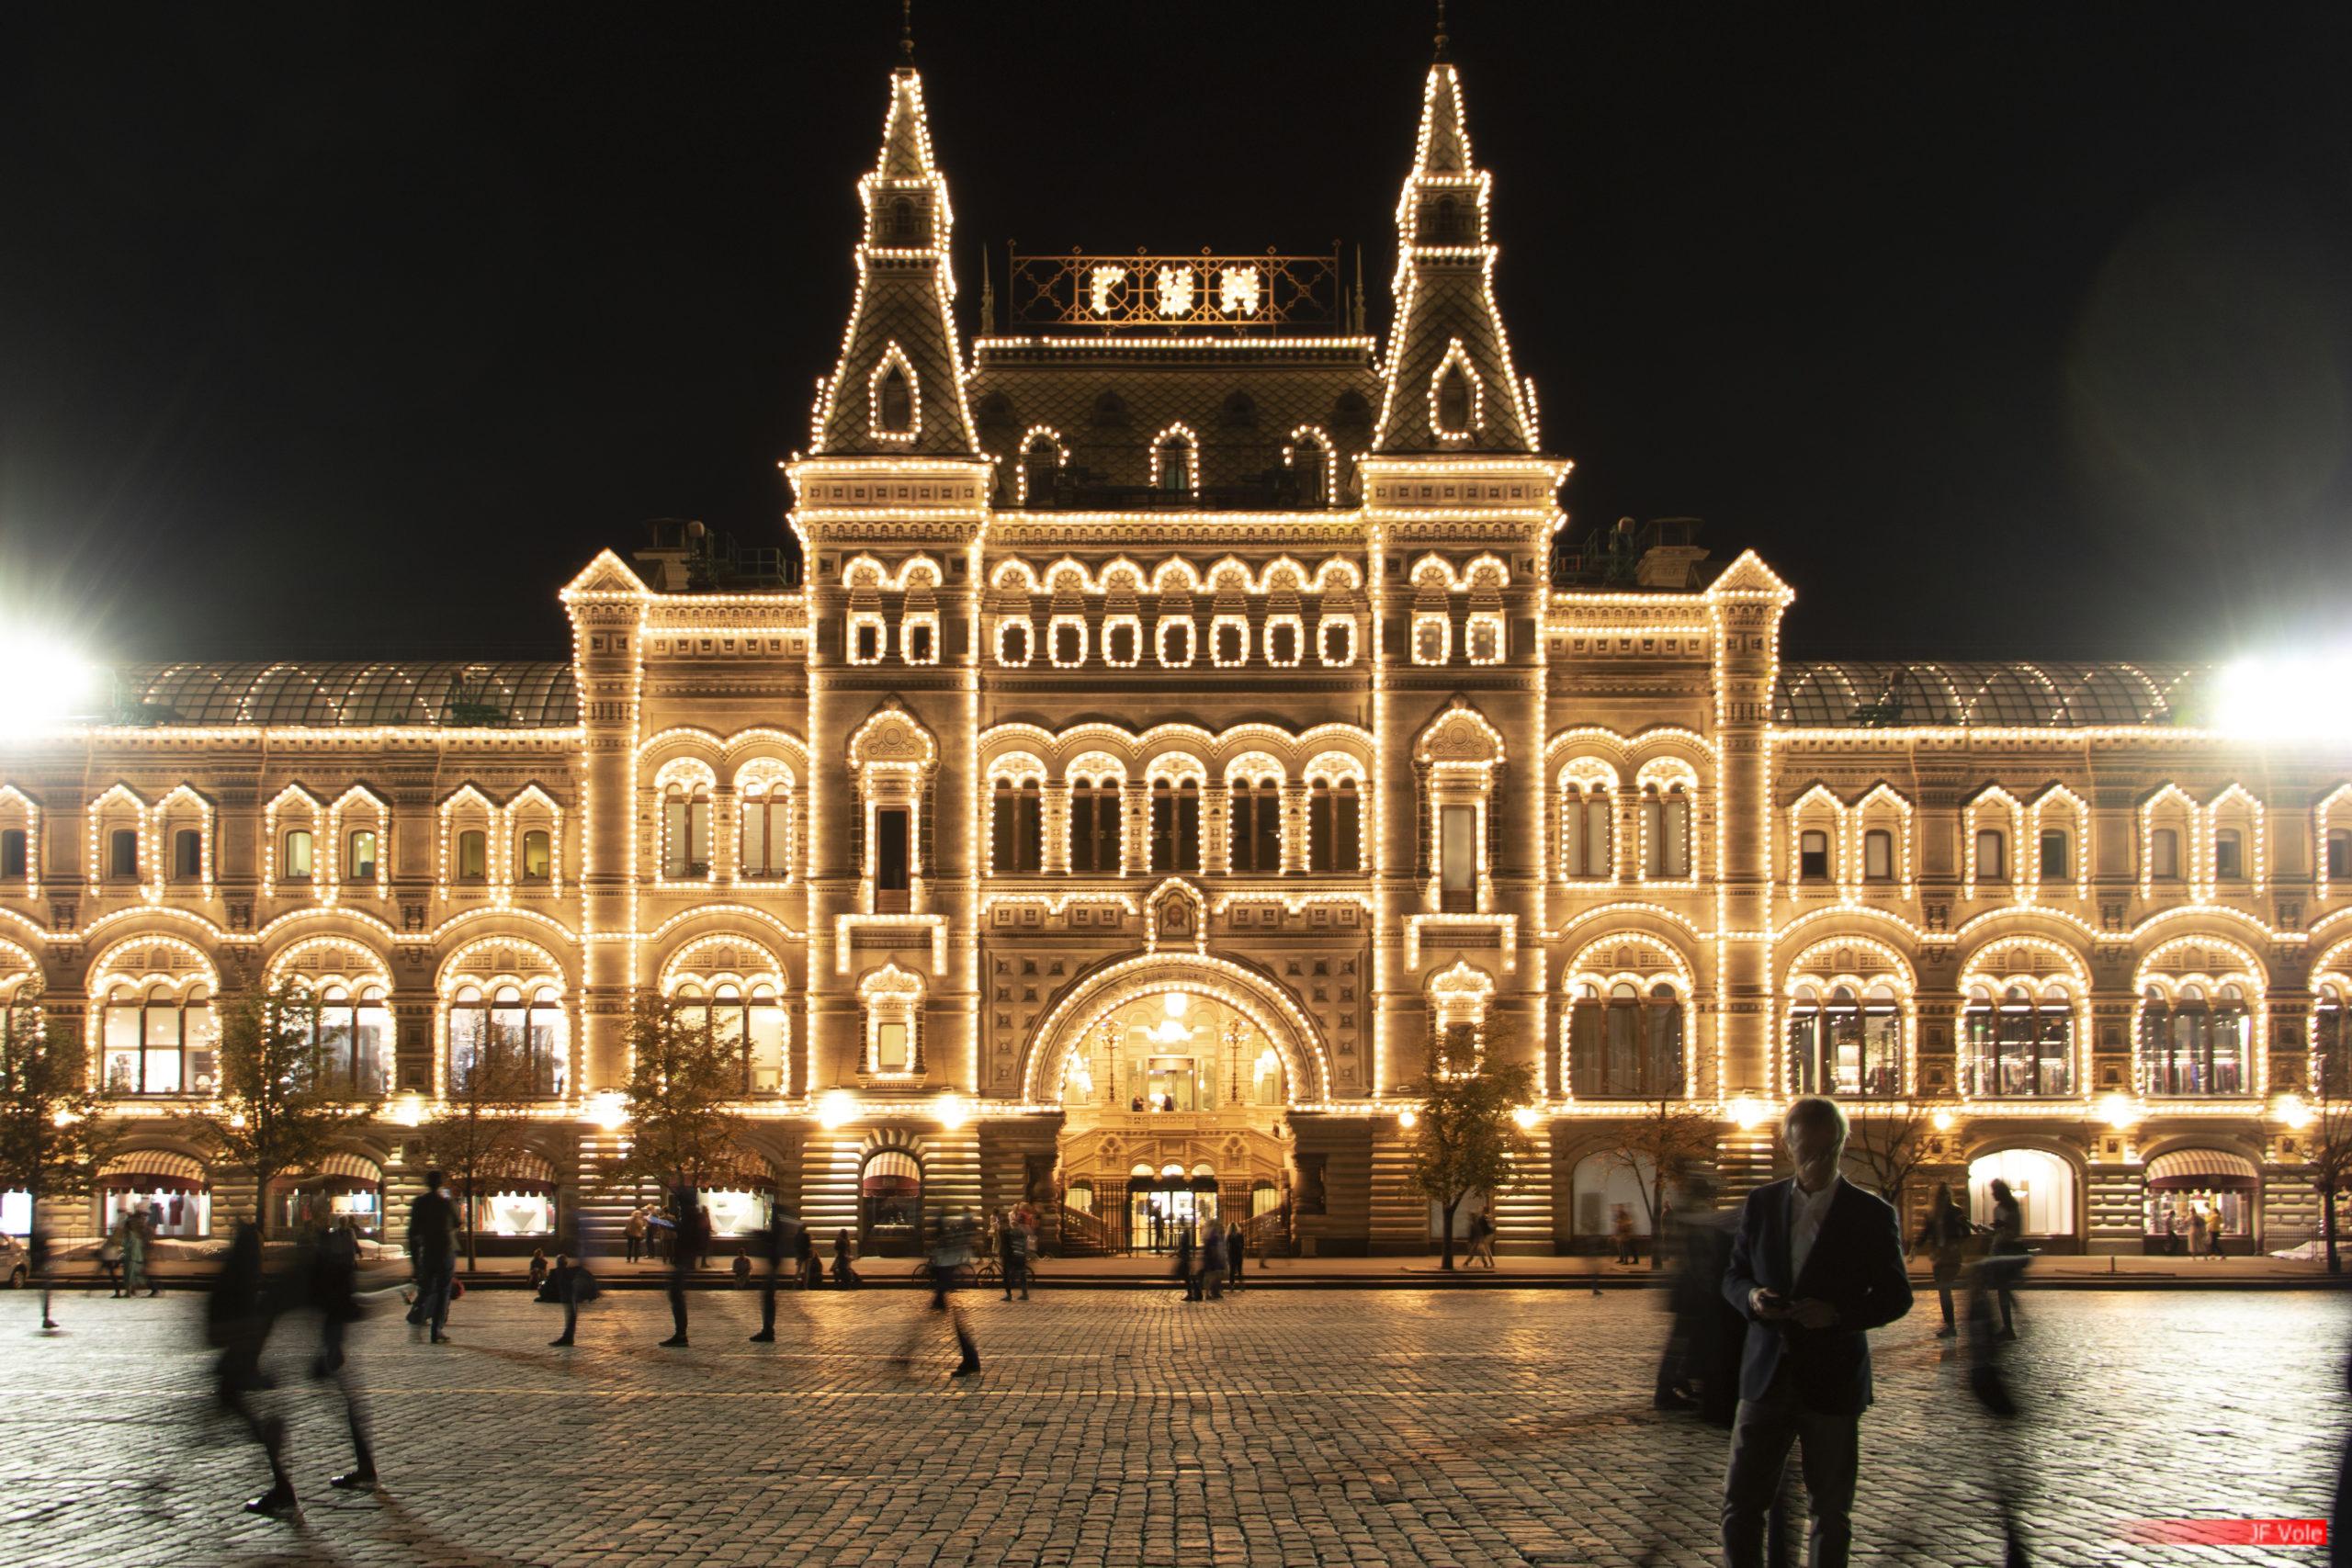 Les magasins Goum sur la Place Rouge, Moscou. Septembre 2018.